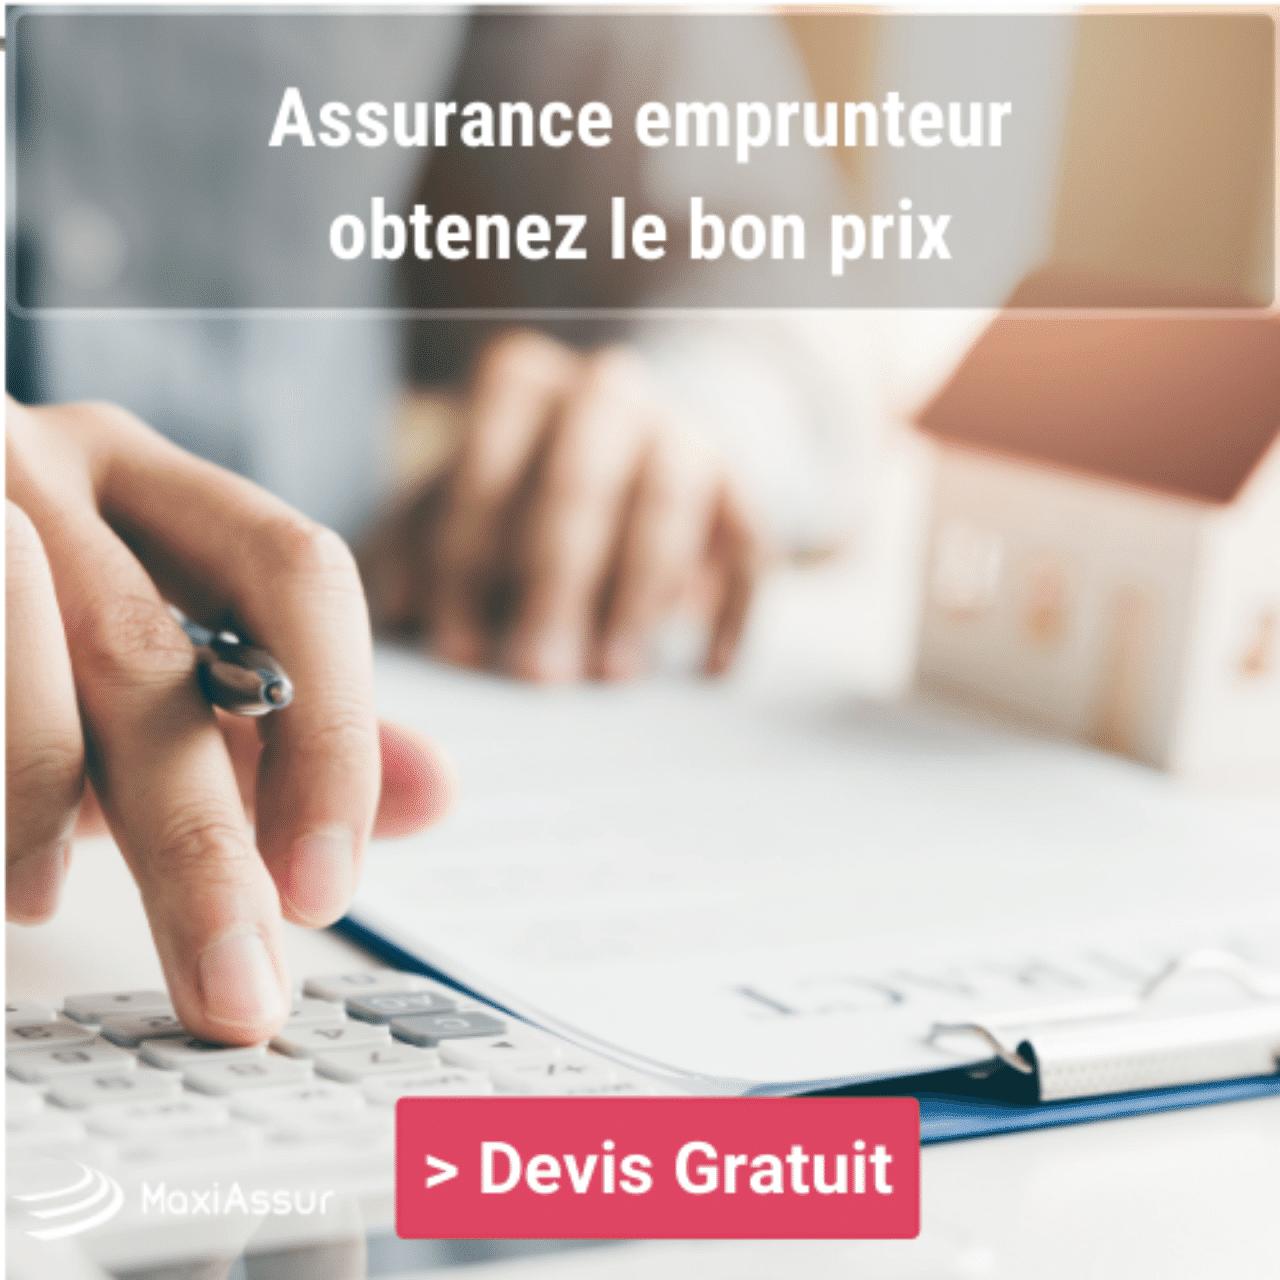 déduire prime assurance emprunteur